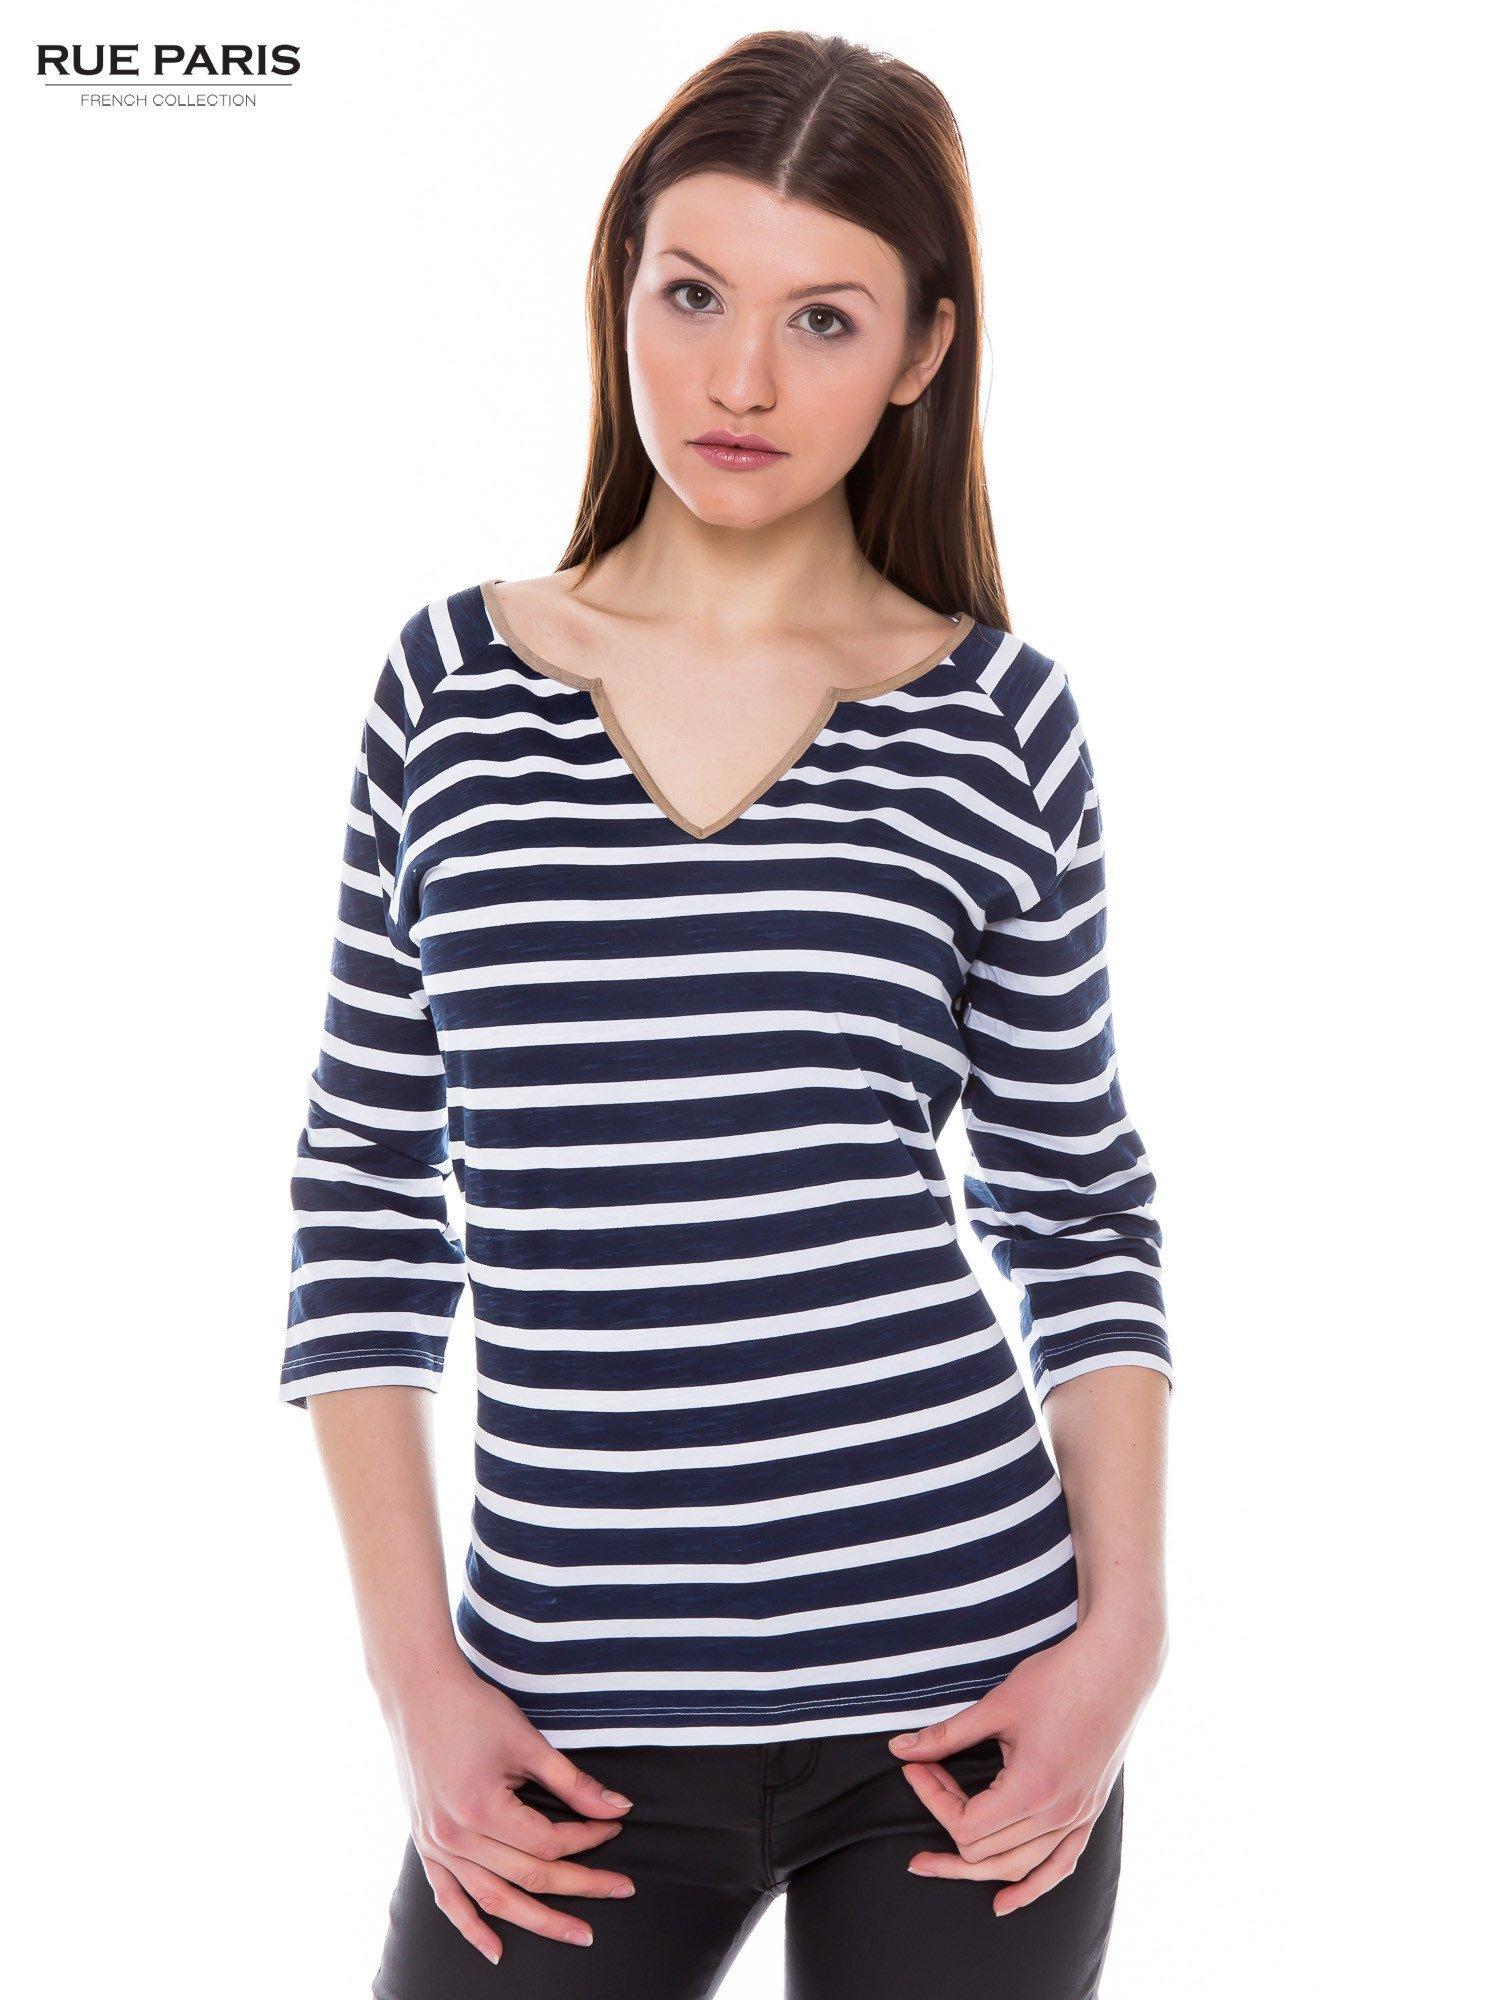 Bawełniana bluzka w biało-granatowe paski w stylu marynistycznym                                  zdj.                                  1